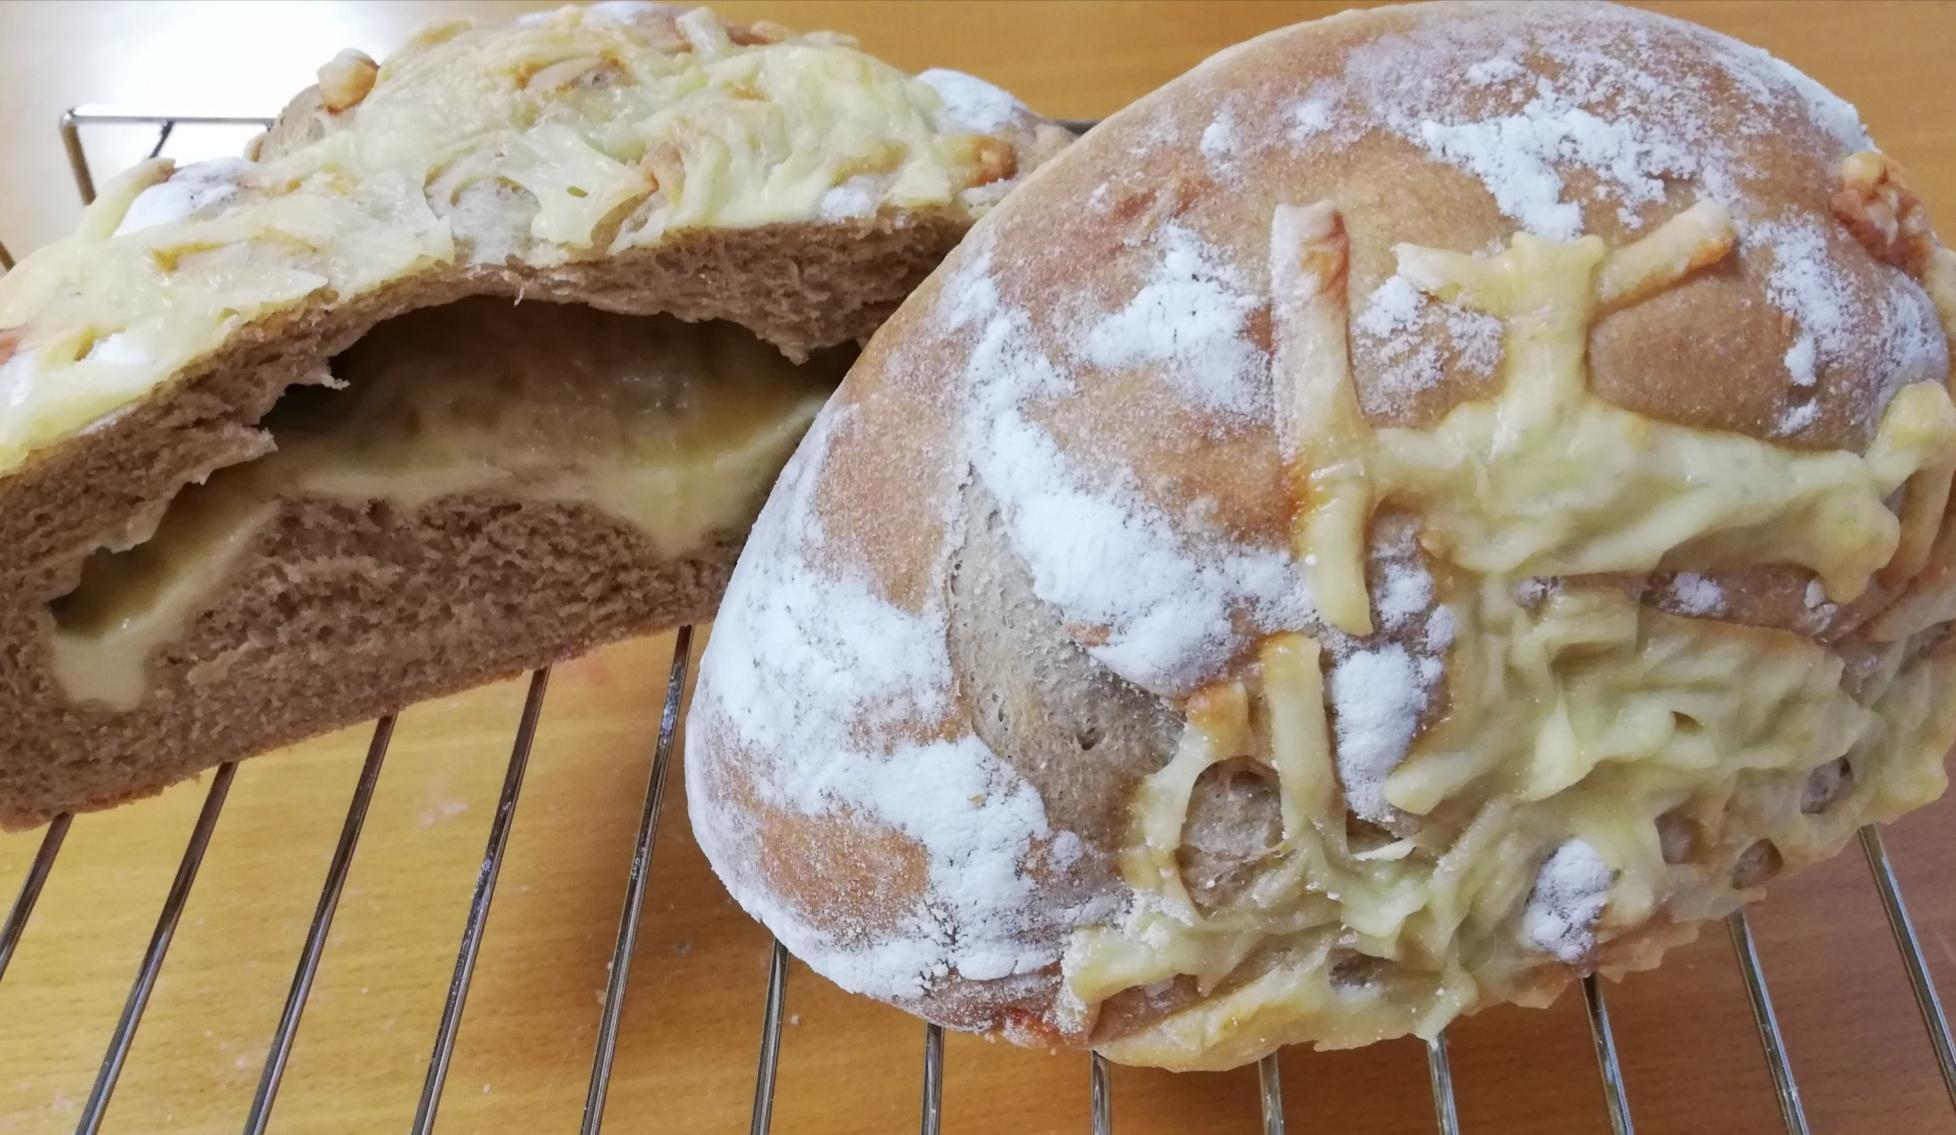 チーズカンパーニュor動物ちぎりパン開催 柏市 Chigubebe自宅でパン